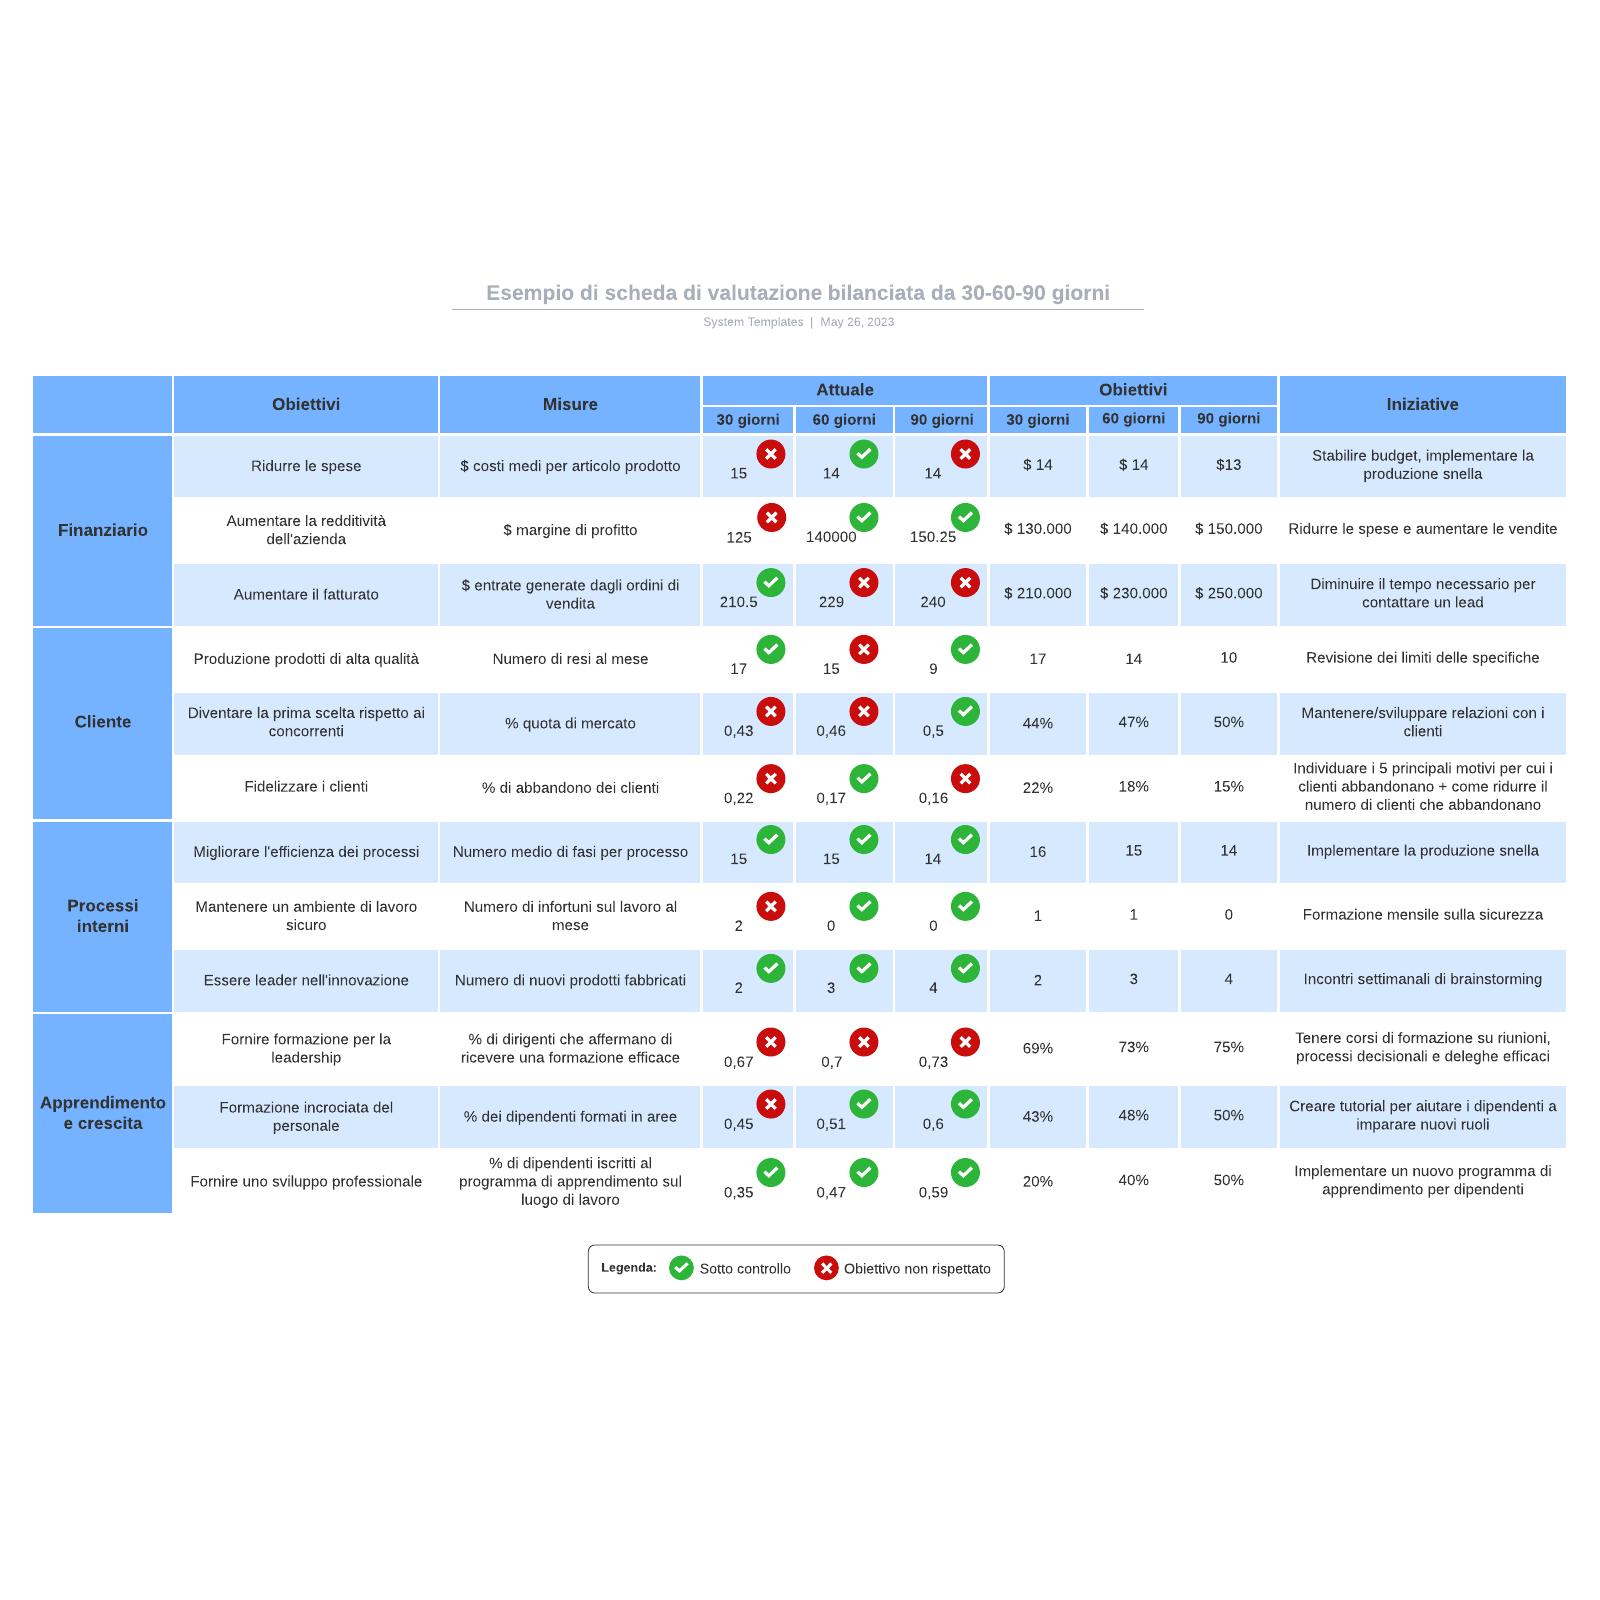 Esempio di scheda di valutazione bilanciata da 30-60-90 giorni